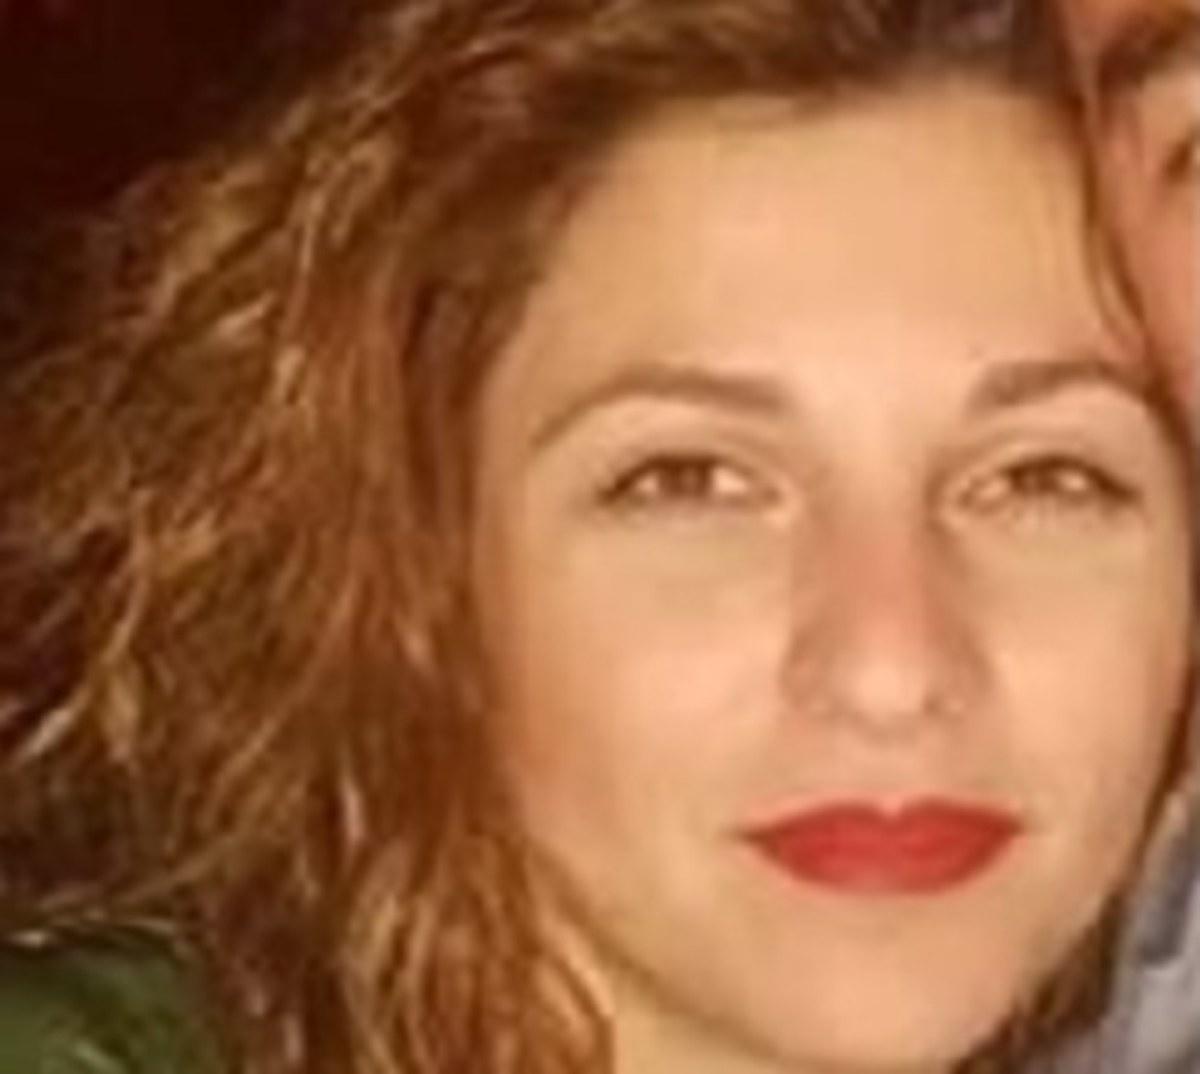 Ηράκλειο: Θρήνος για τη Μαρία Γεωργιάδη που πέθανε σε σχολείο – Λύθηκε το μυστήριο για τη νεκρή μητέρα [pics] | Newsit.gr